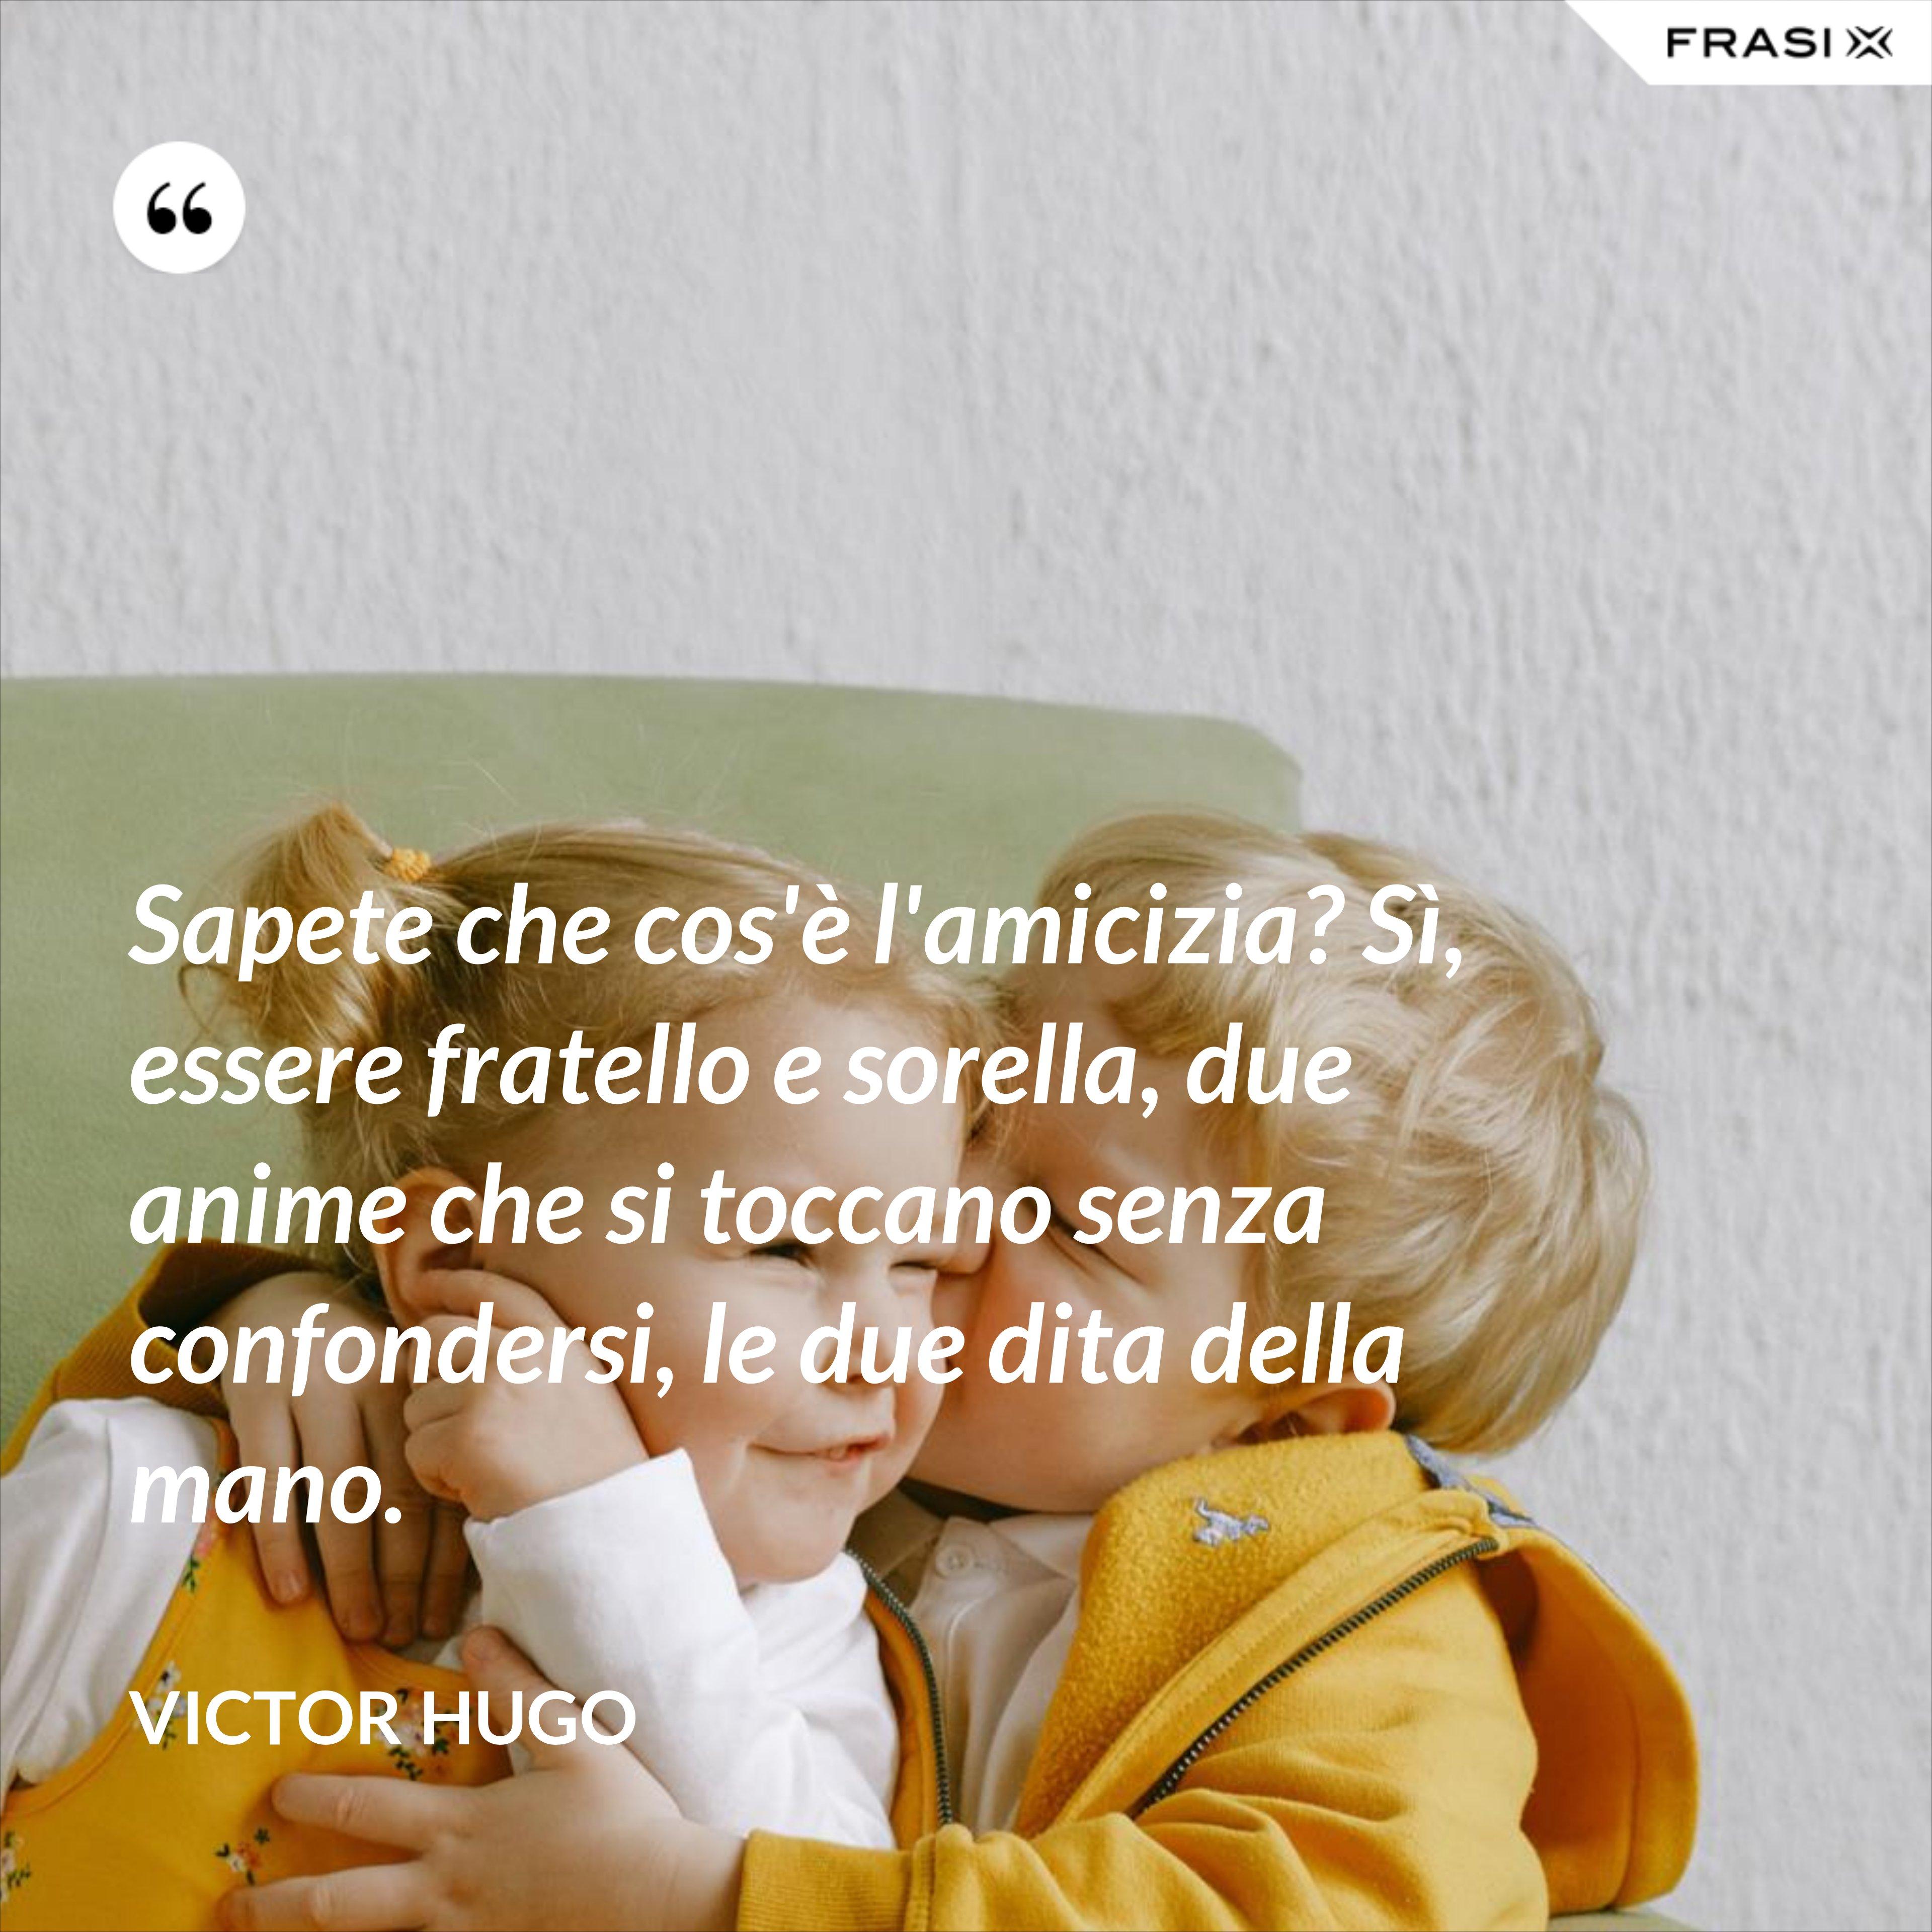 Sapete che cos'è l'amicizia? Sì, essere fratello e sorella, due anime che si toccano senza confondersi, le due dita della mano. - Victor Hugo